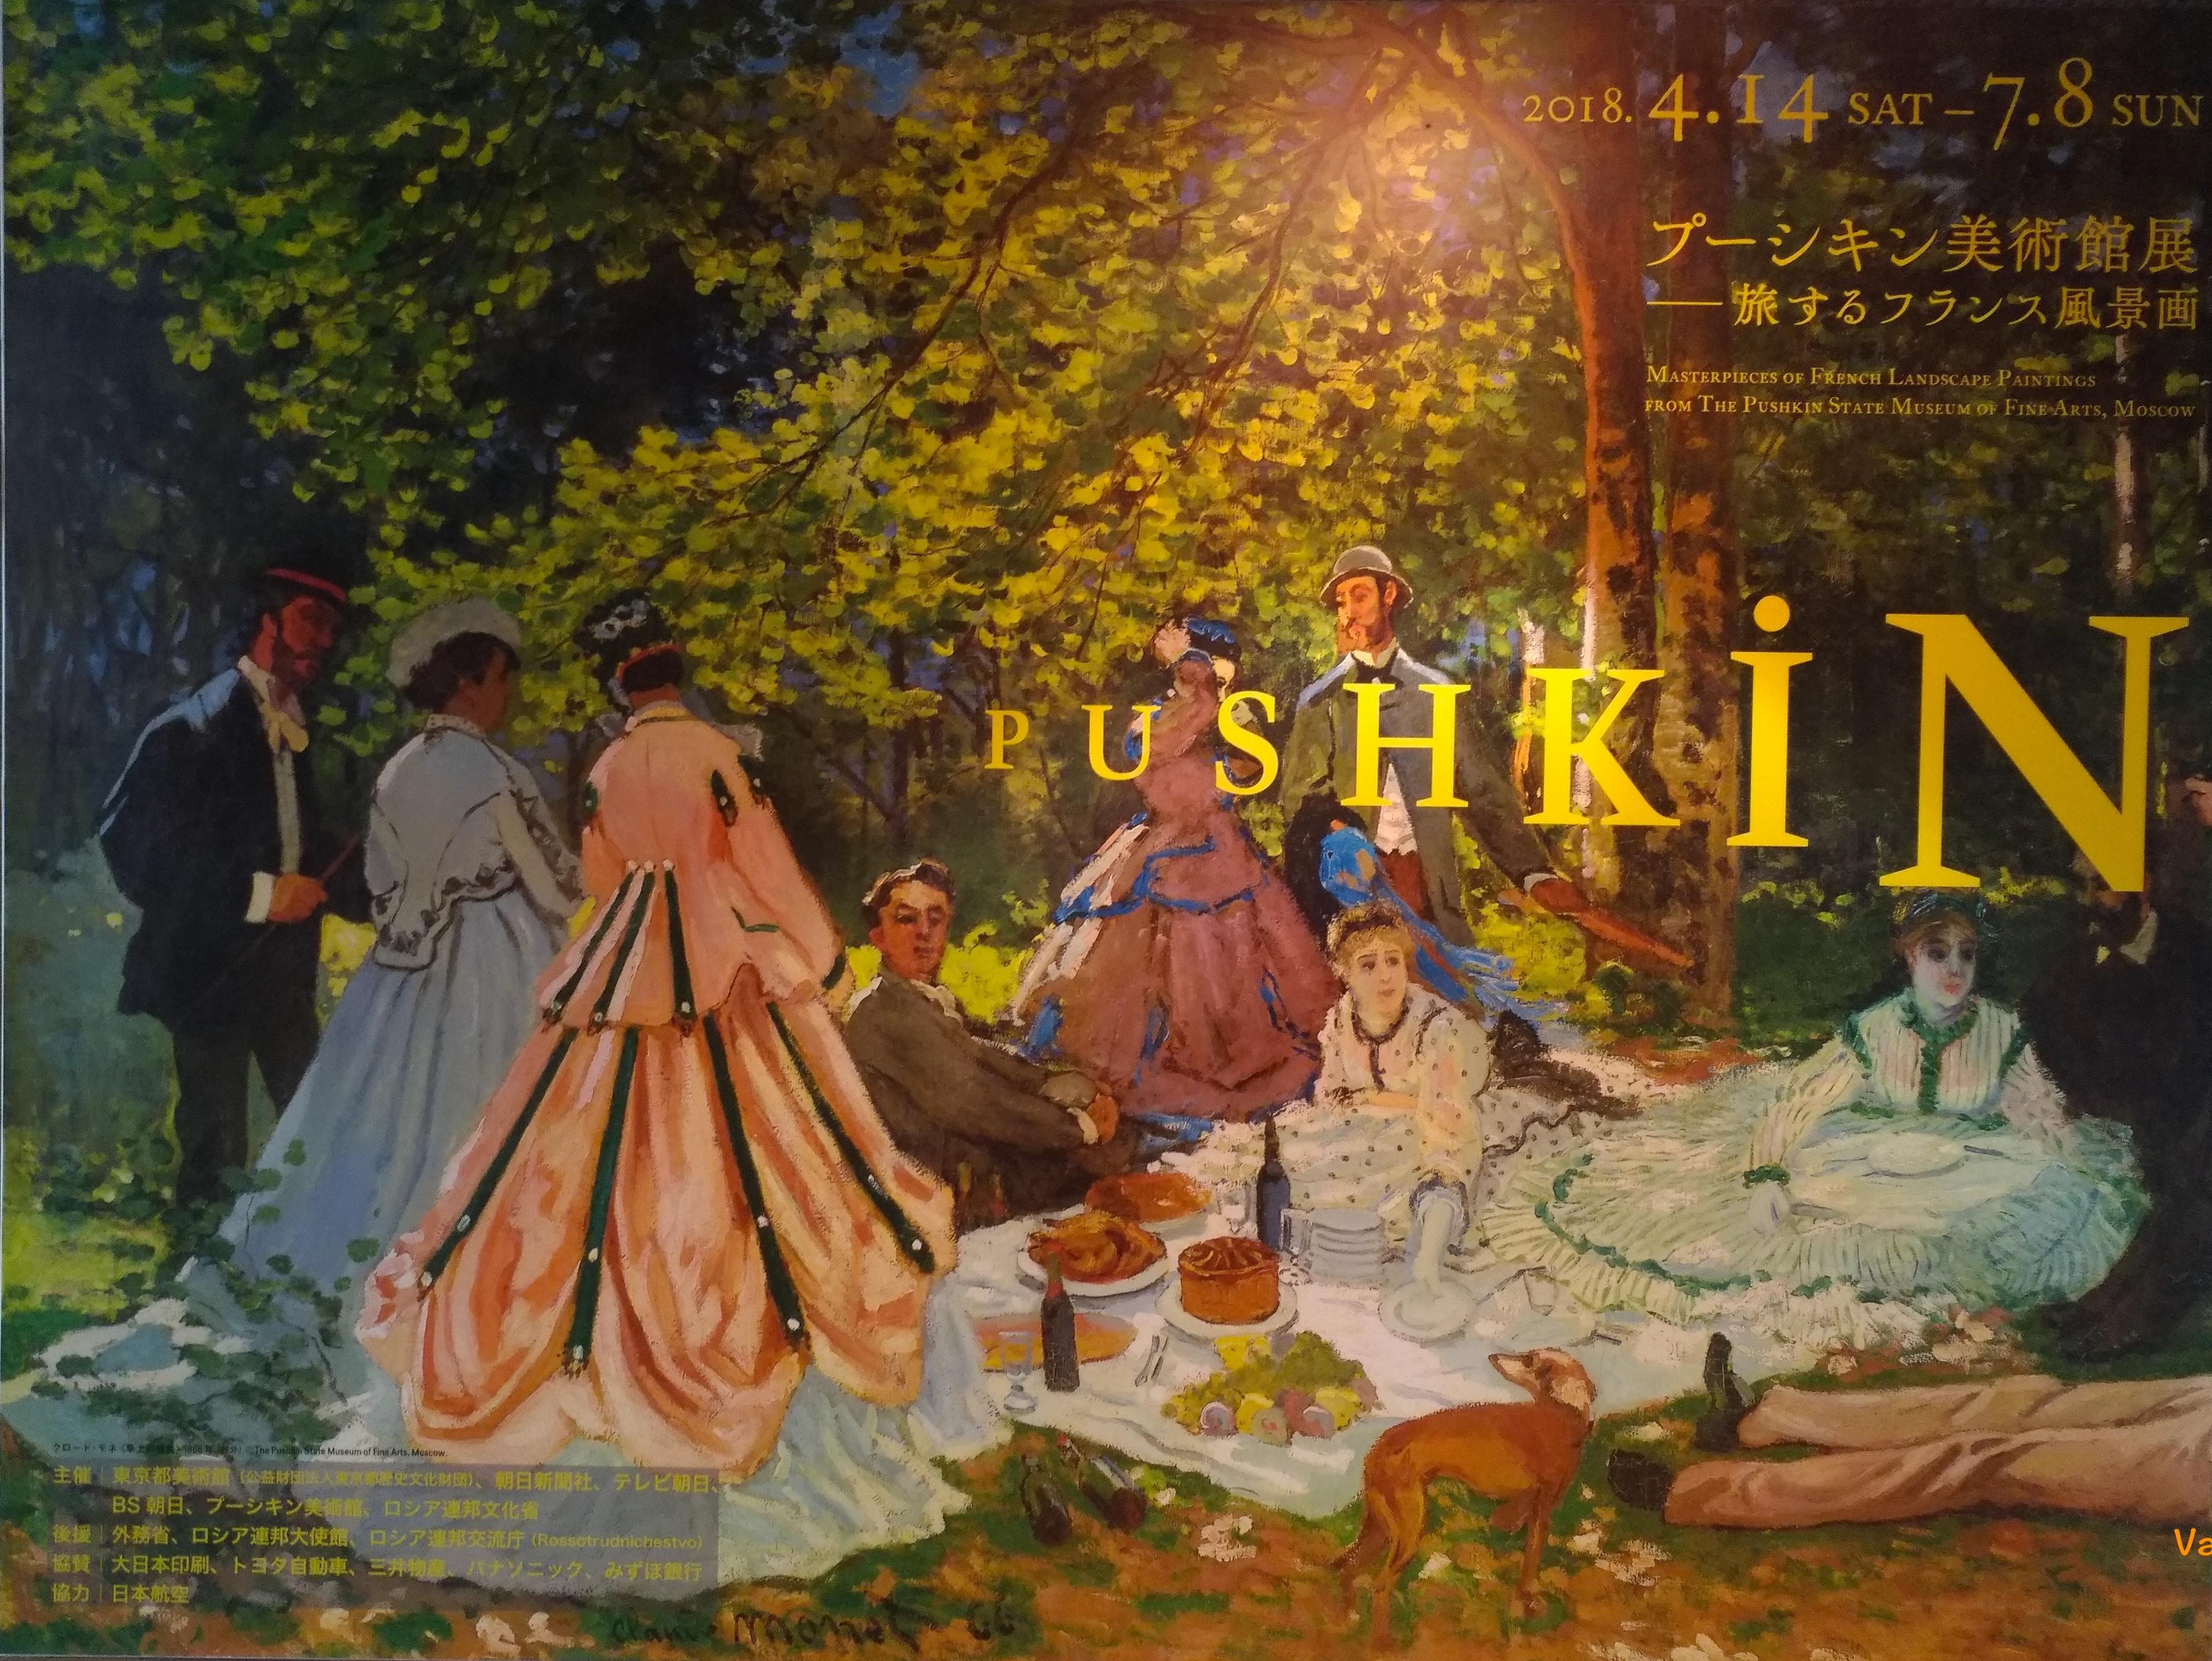 來東京上野看美術館,上野不只藥粧和阿美橫丁